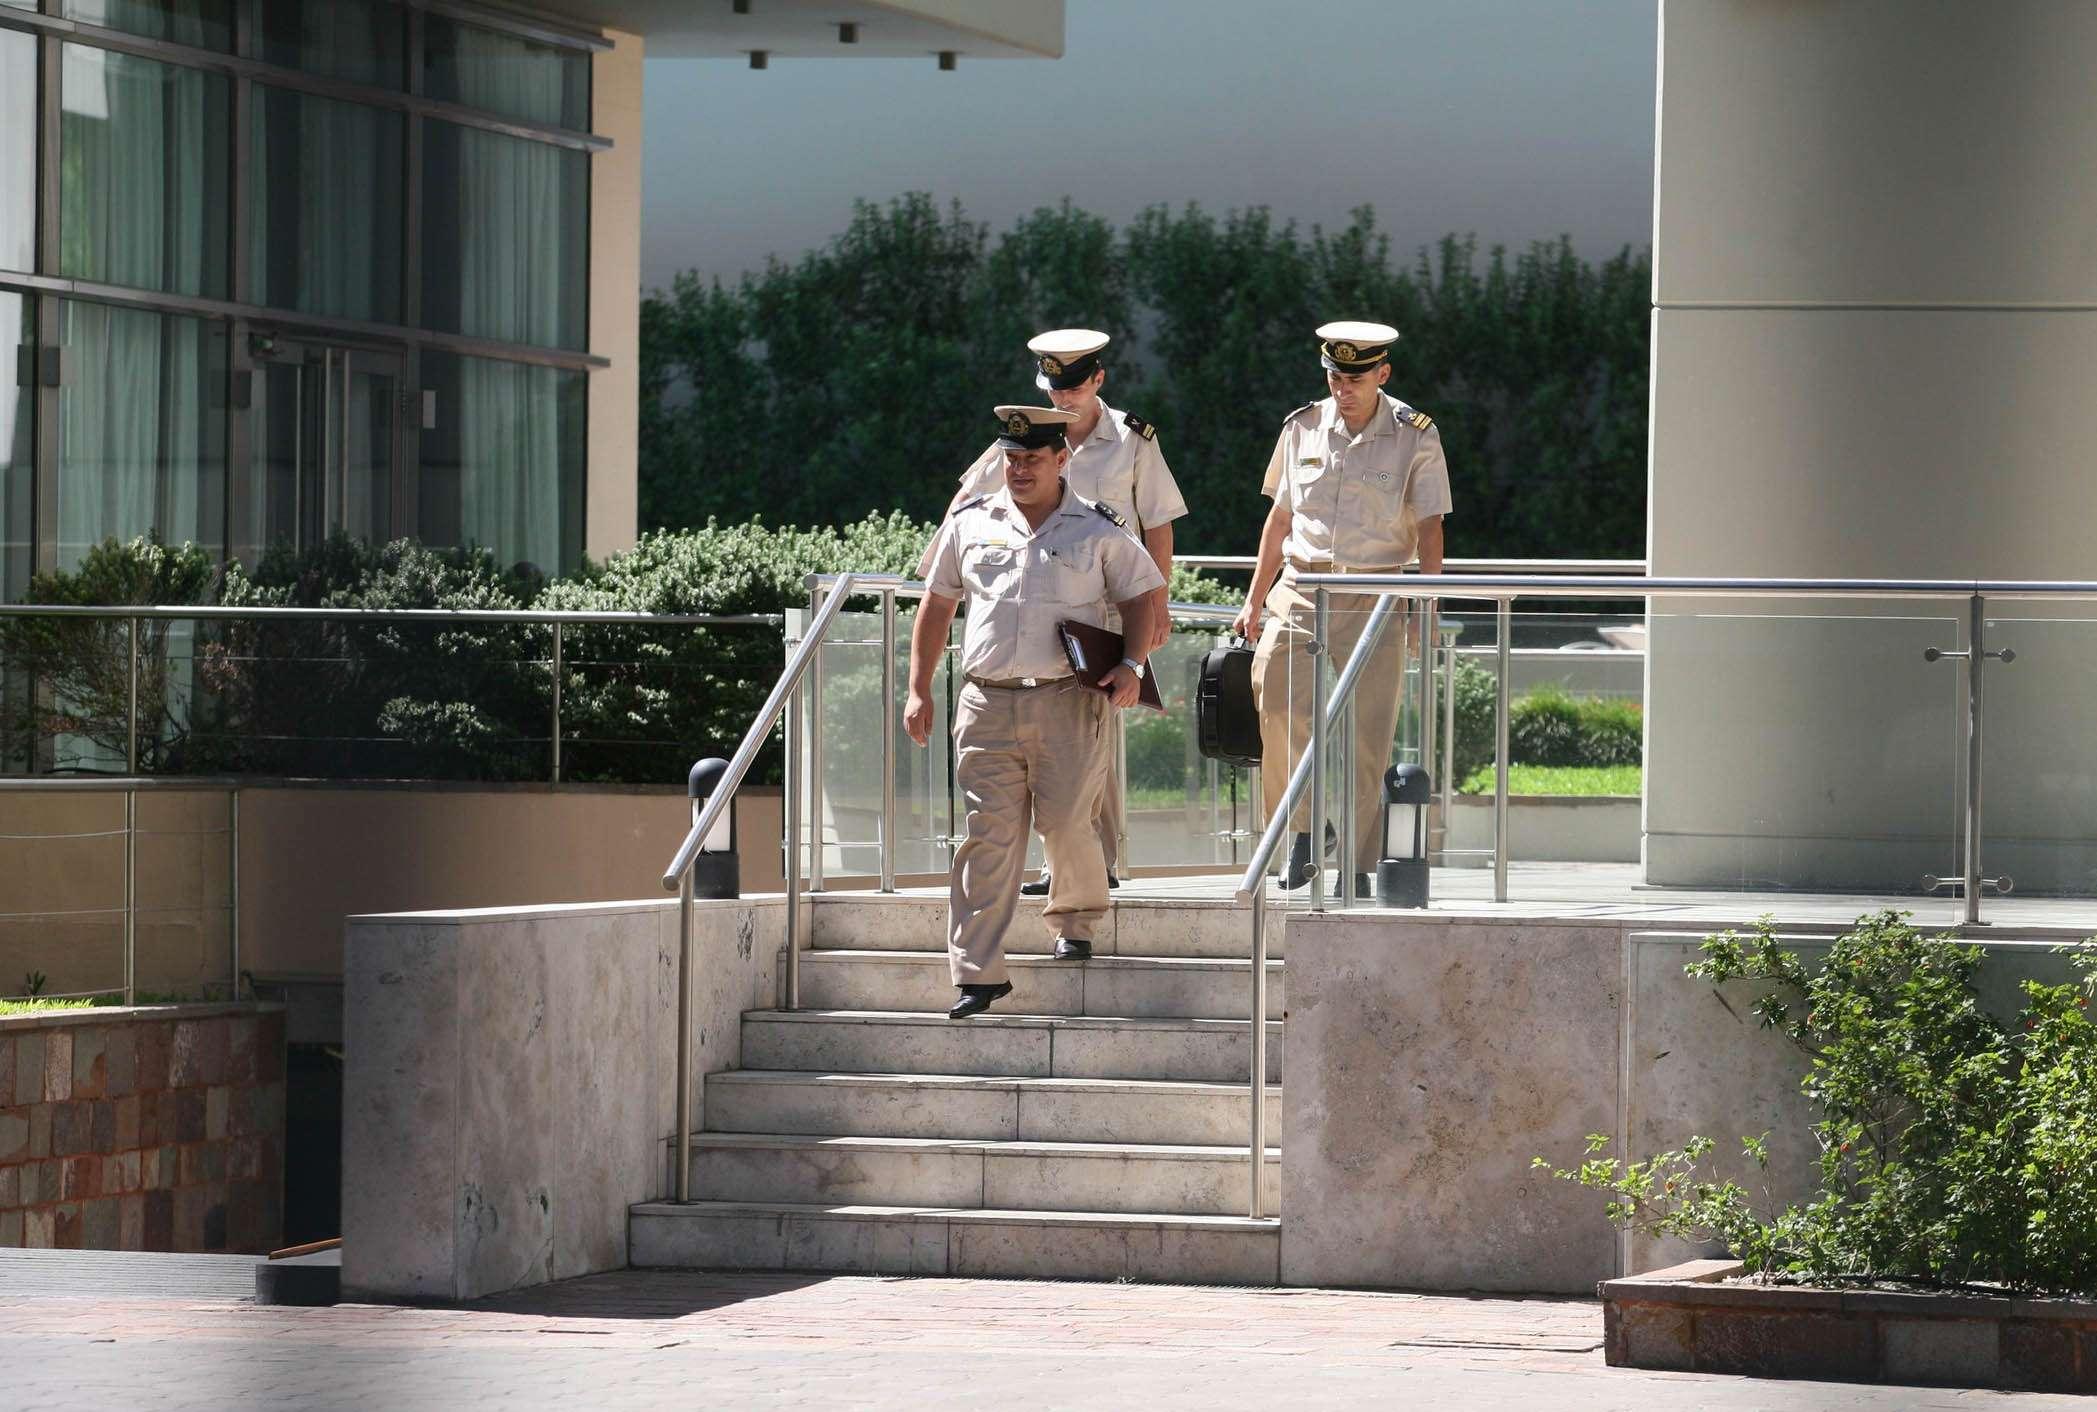 La fiscal Viviana Fein realizó un allanamiento en la Torre Le Parc de Puerto Madero en el marco de la investigación por la muerte del fiscal Alberto Nisman. Foto: Noticias Argentinas